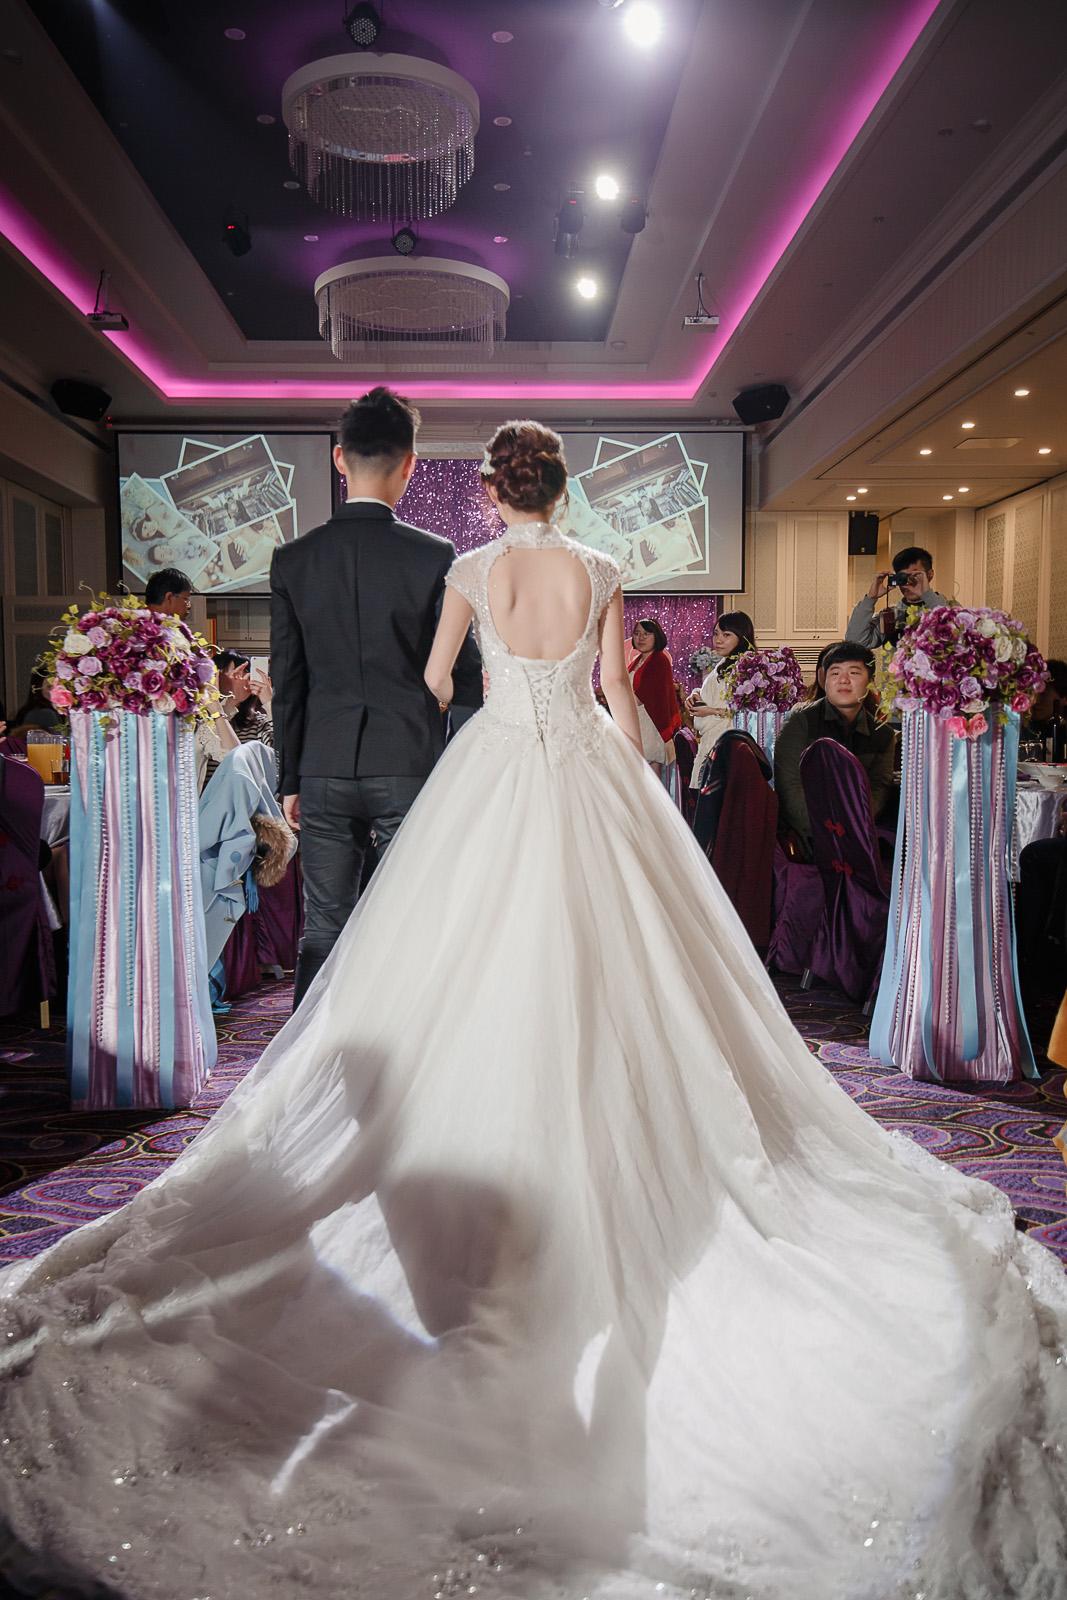 高雄圓山飯店,婚禮攝影,婚攝,高雄婚攝,優質婚攝推薦,Jen&Ethan-254